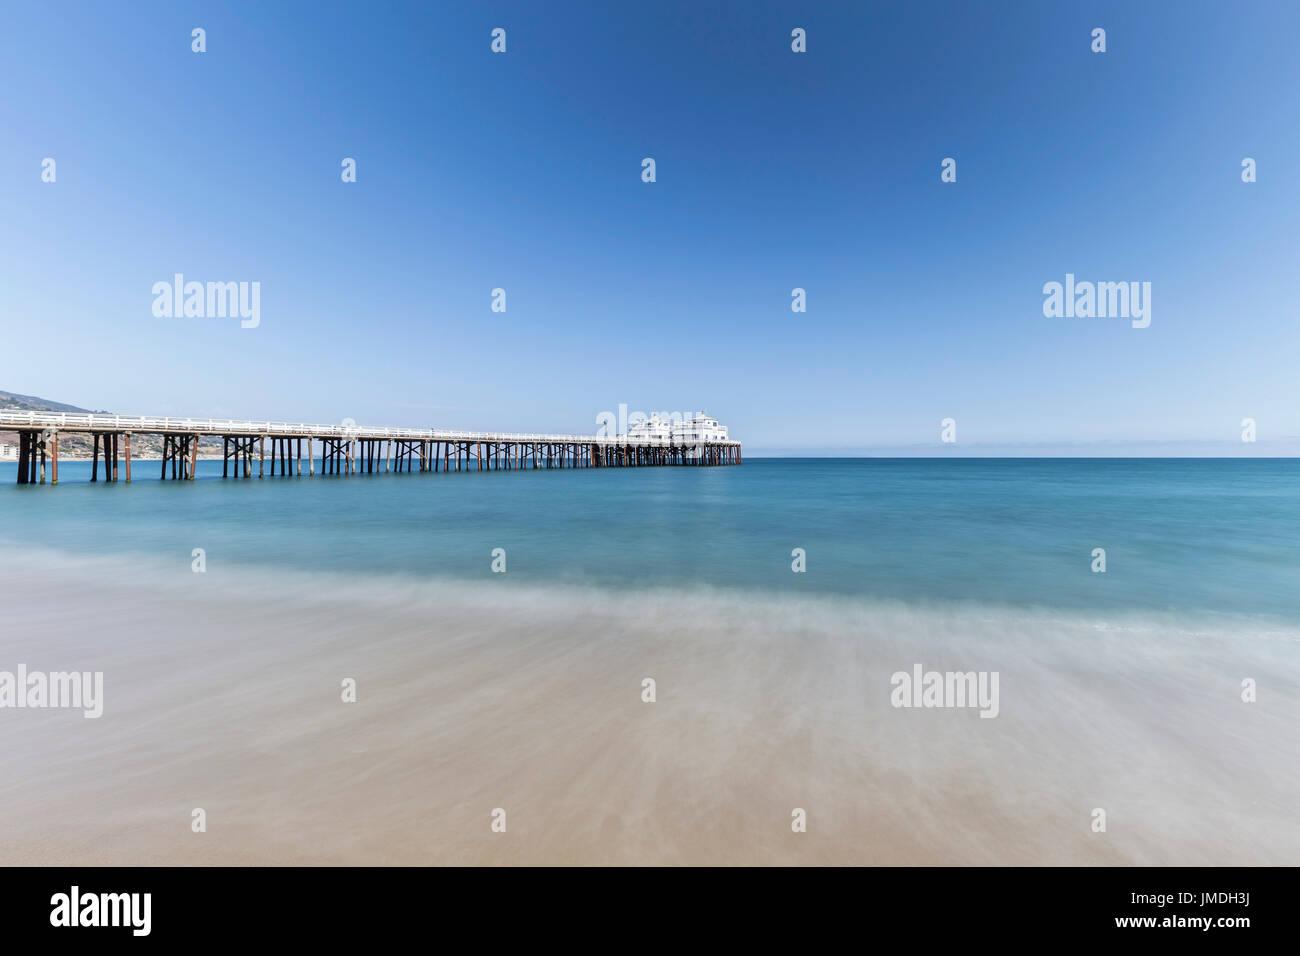 Malibu Pier mit Motion blur Wasser in der Nähe von Los Angeles in Südkalifornien. Stockbild